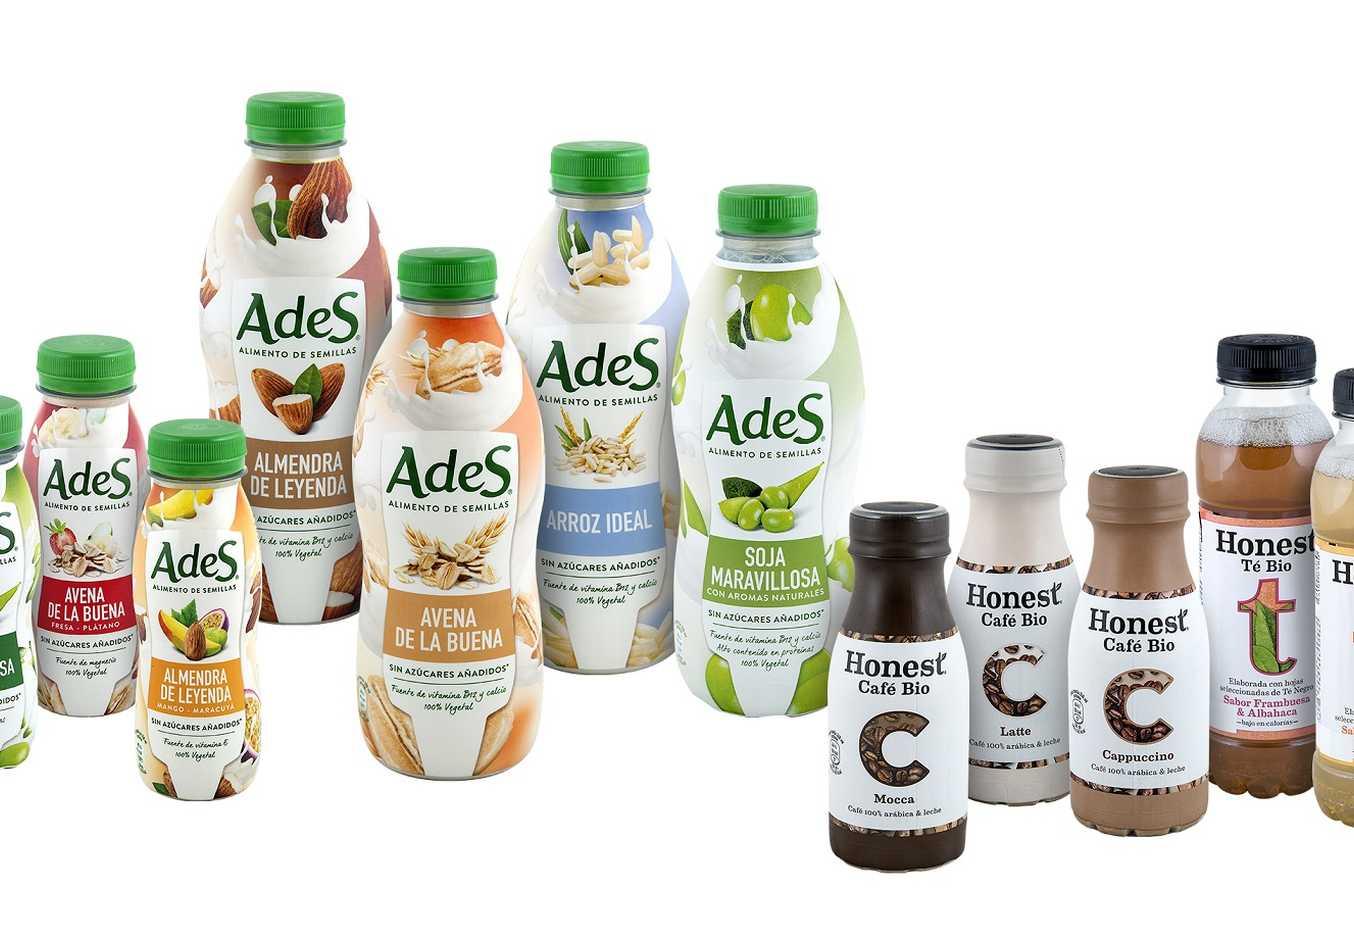 Coca-Cola apuesta por las bebidas vegetales y ecológicas con 'AdeS' y 'Honest'